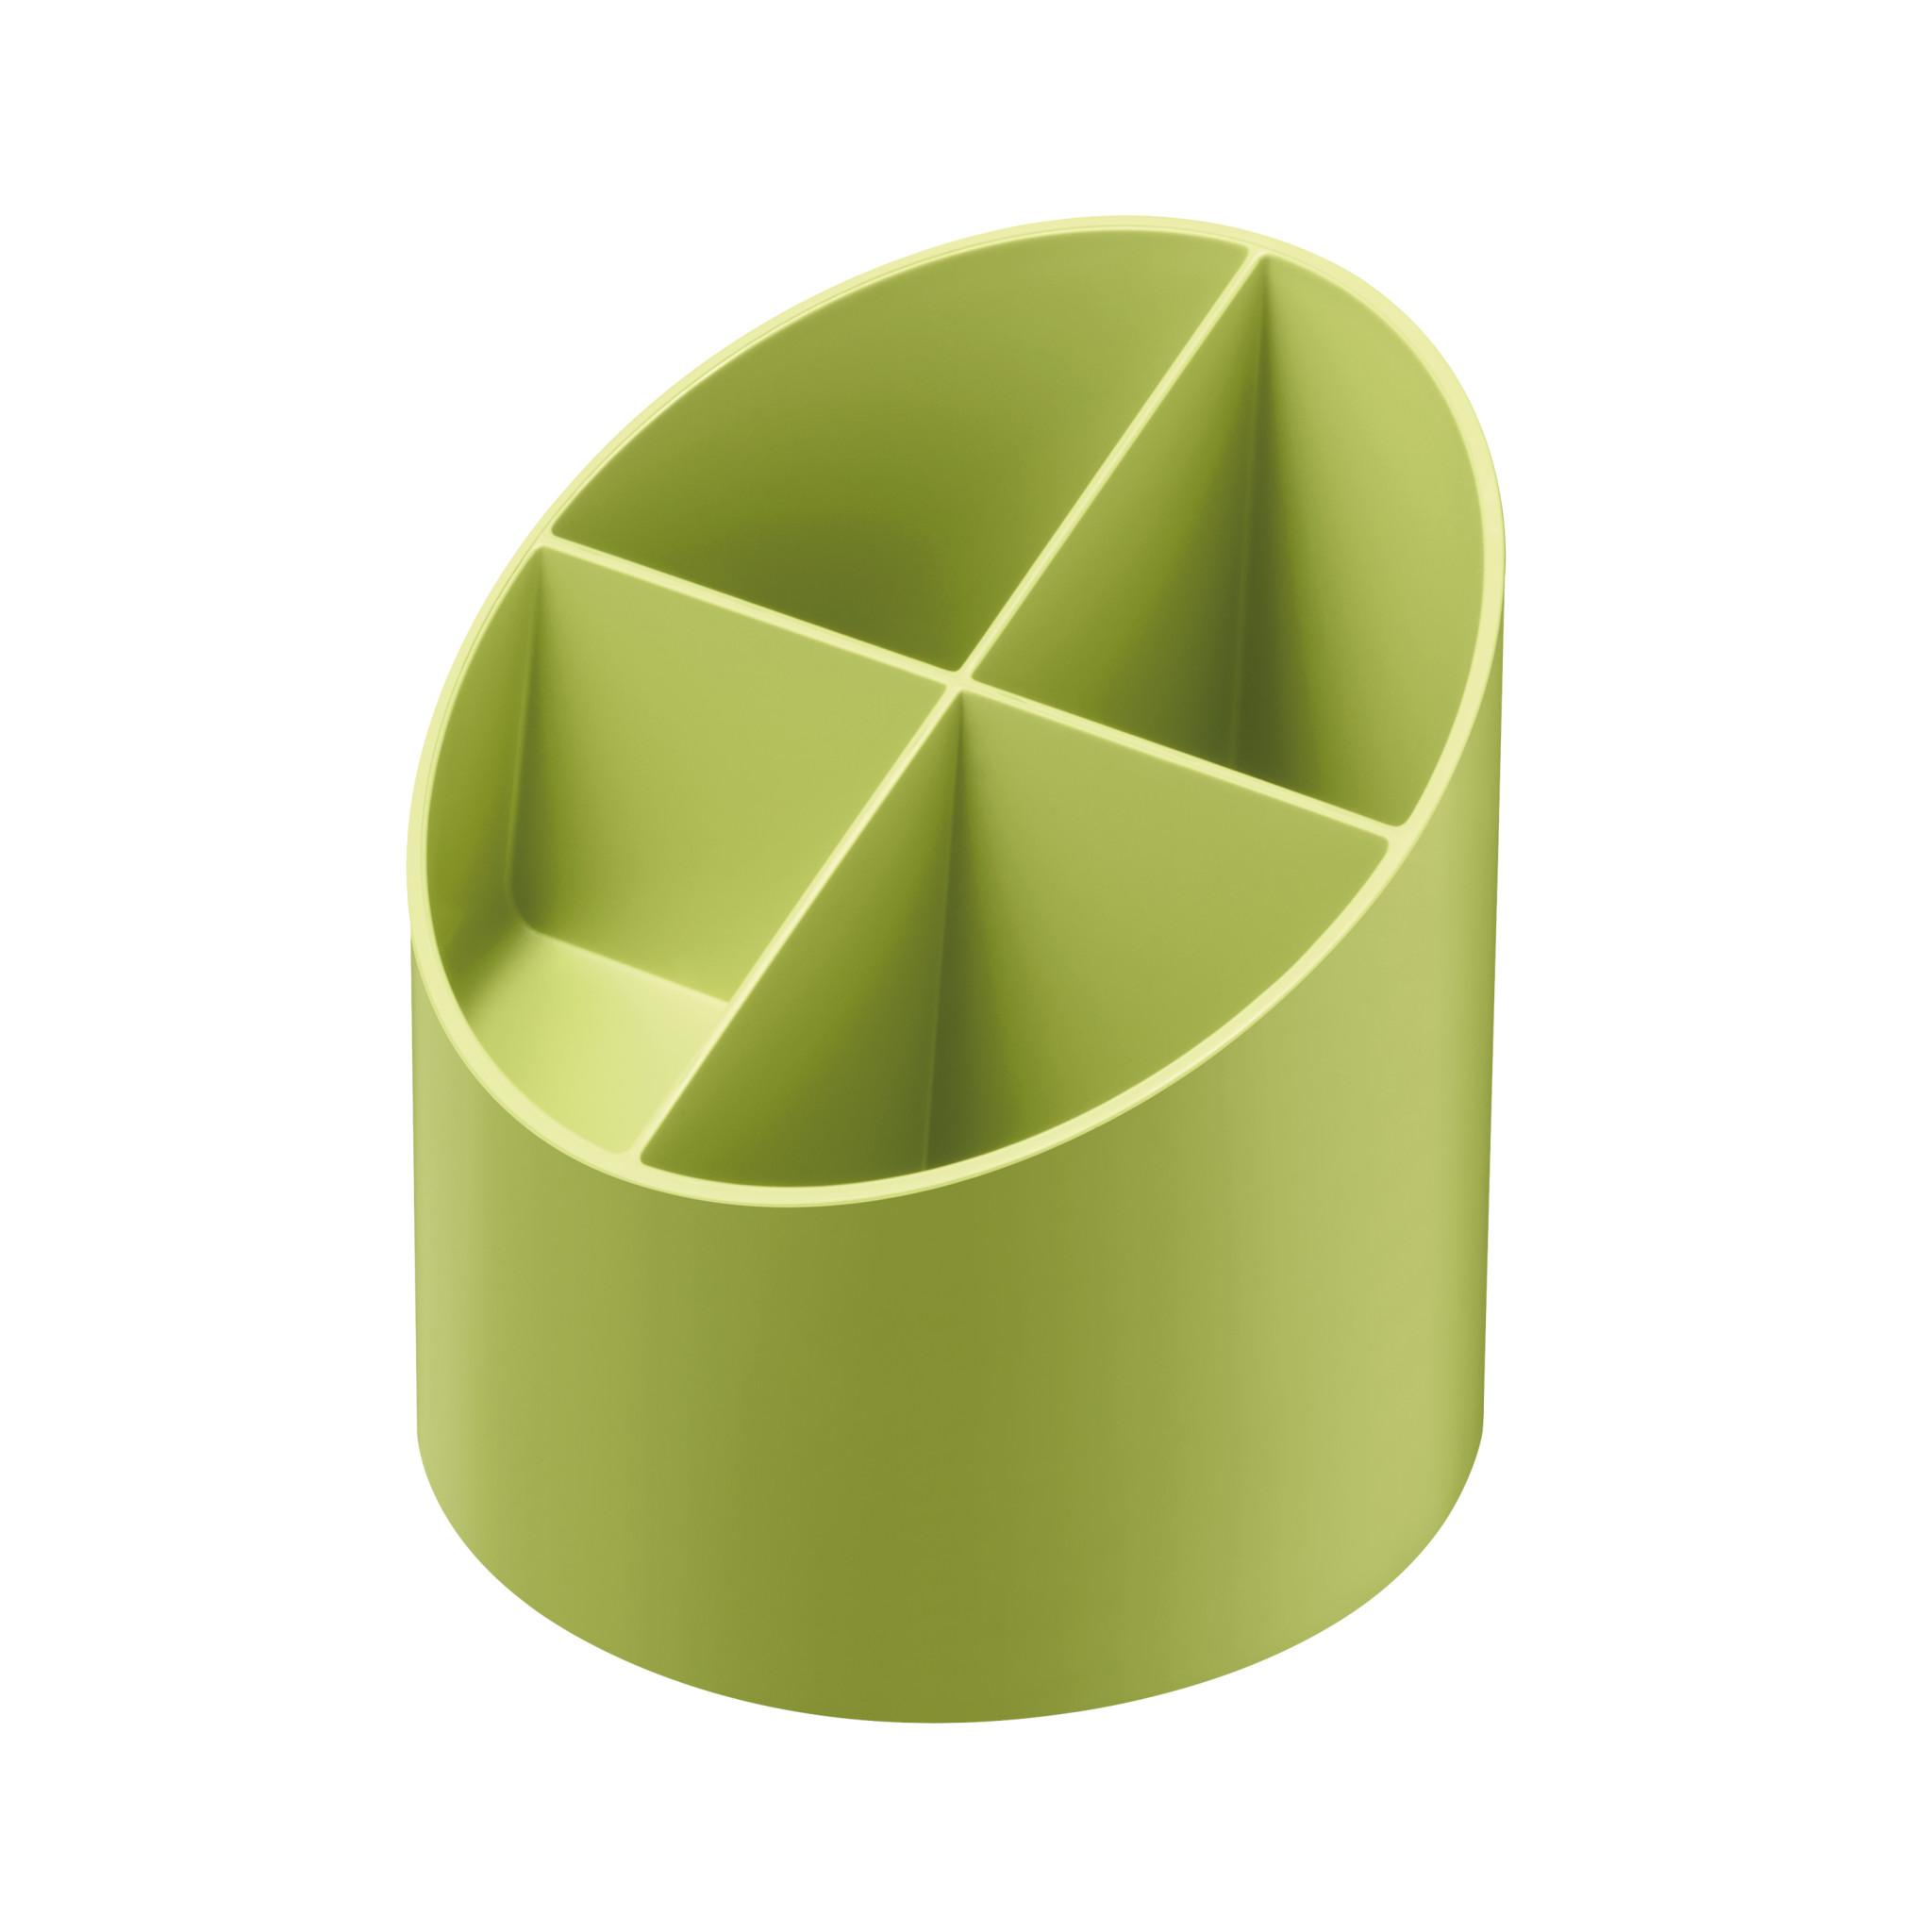 Herlitz Köcher rund recycling intensiv hellgrün